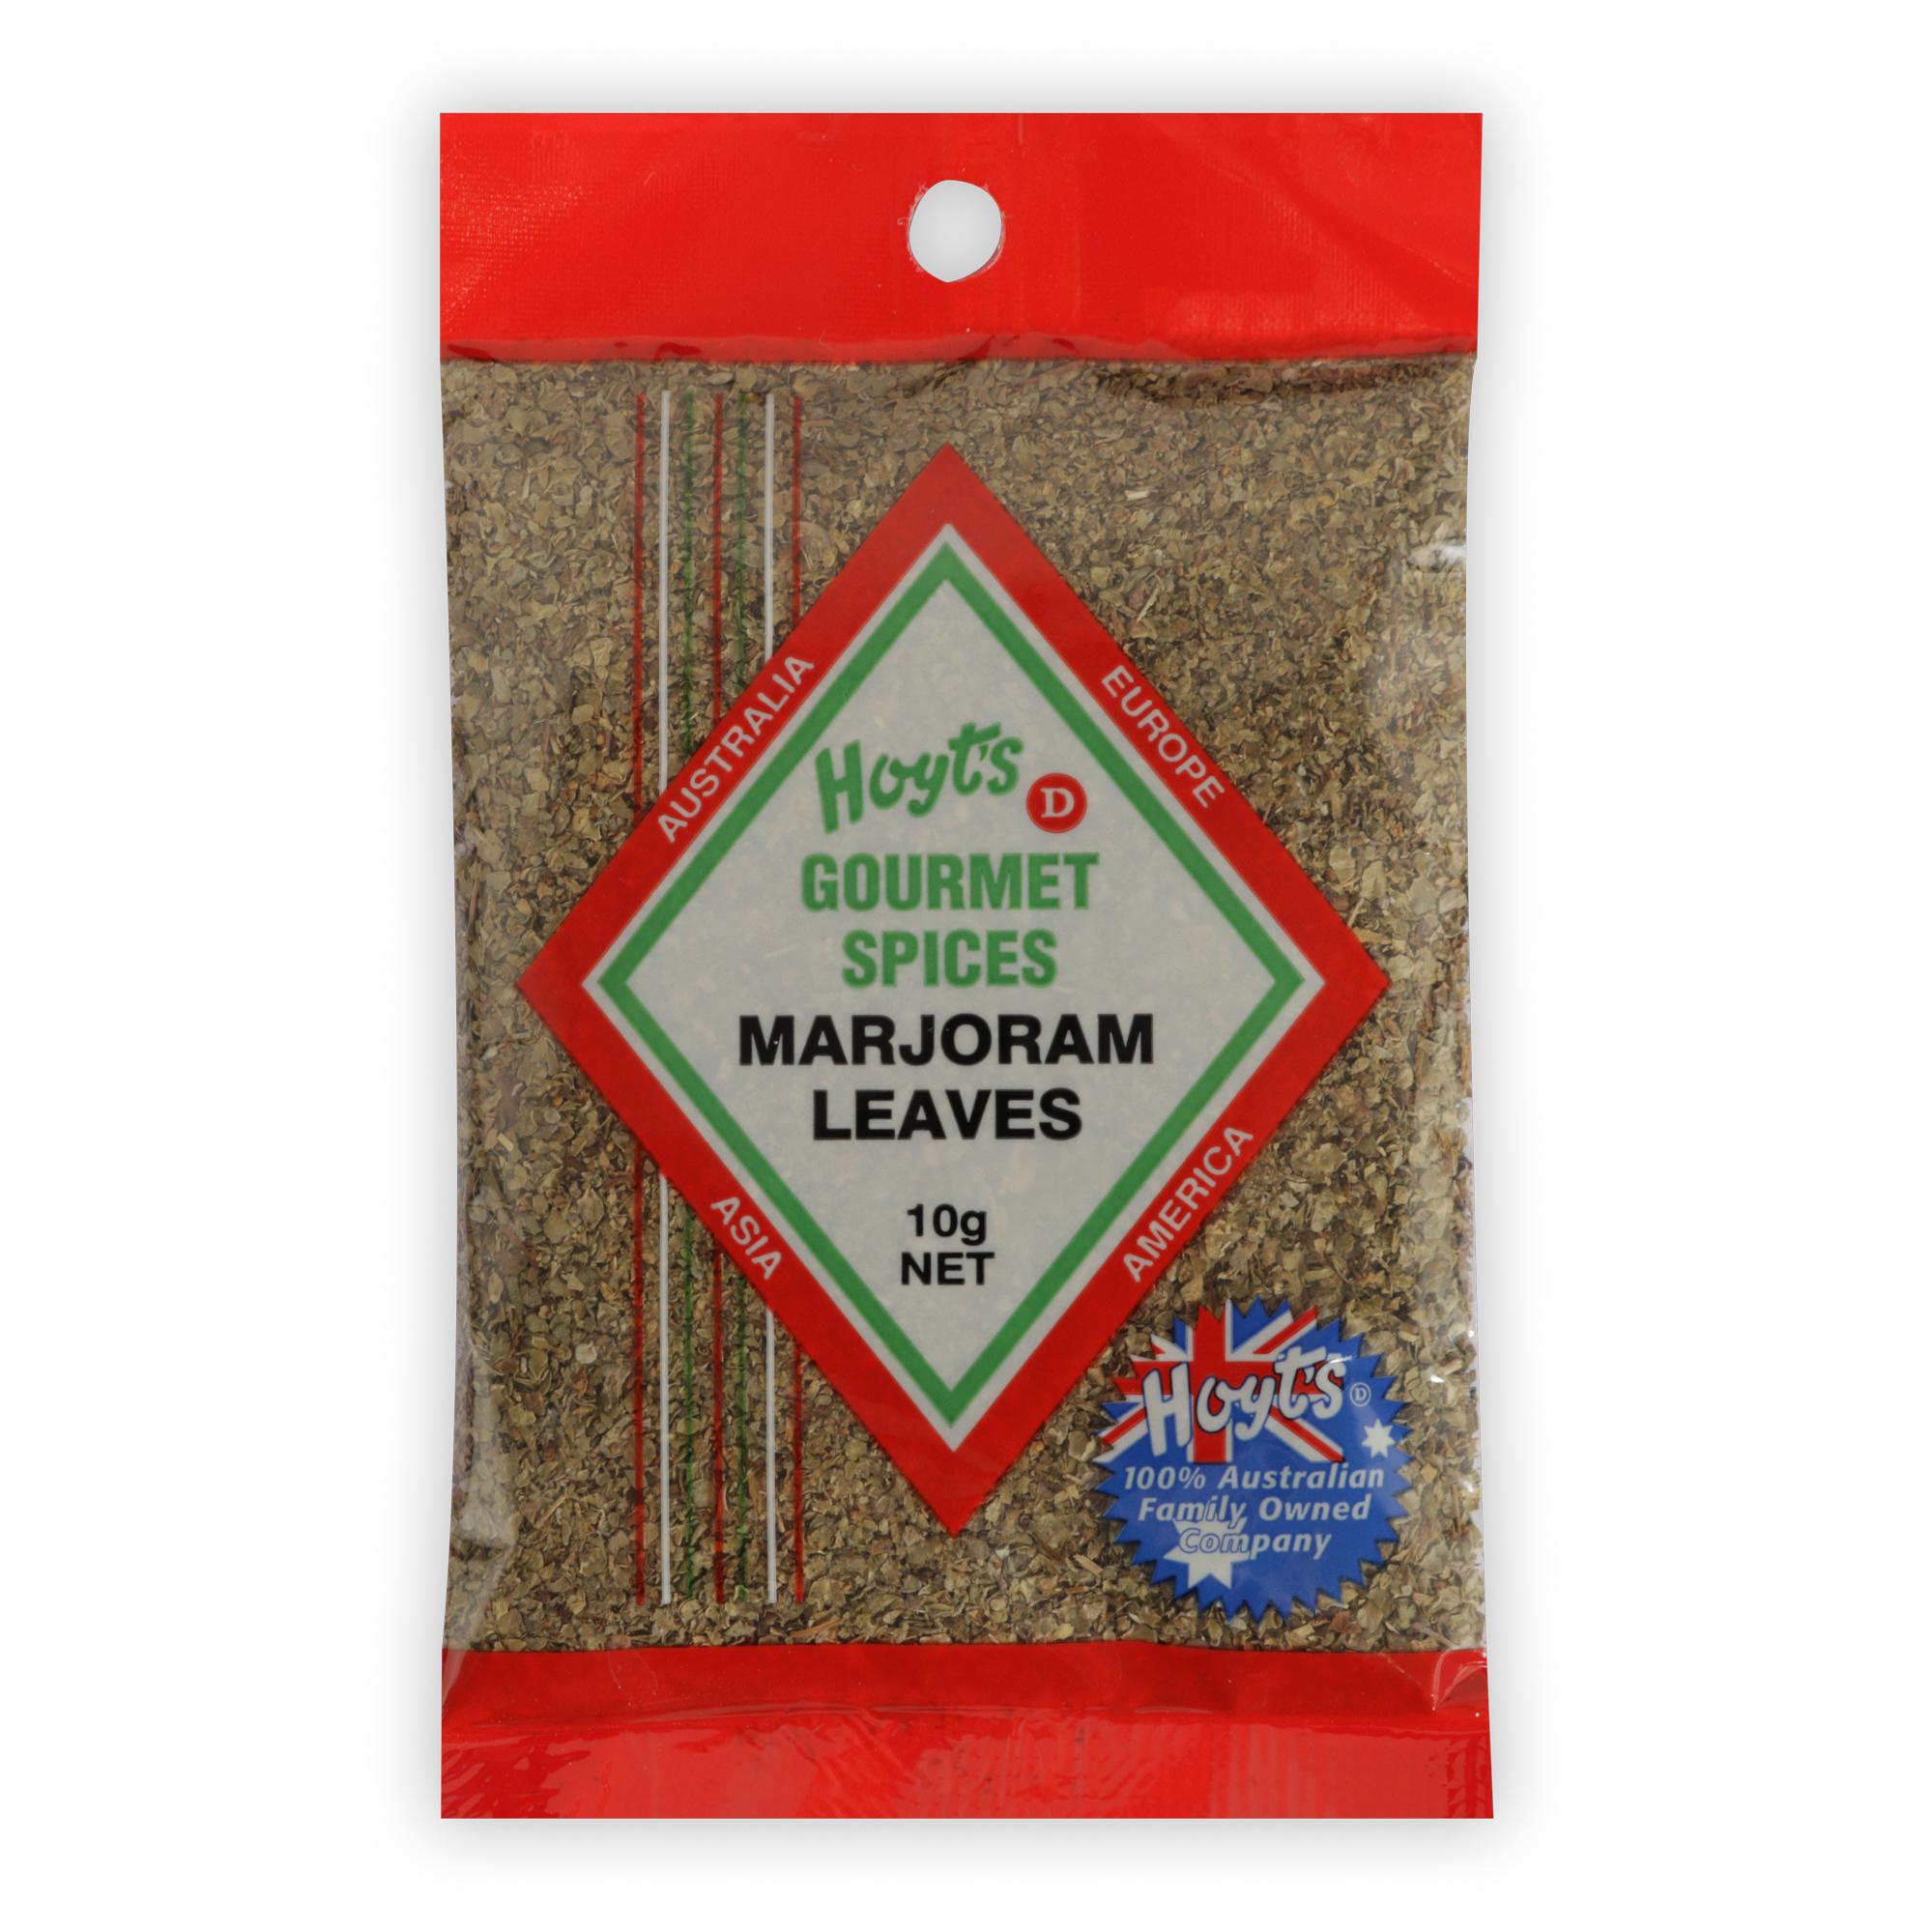 Hoyts Gourmet Marjoram 10g - 9300725010317 1